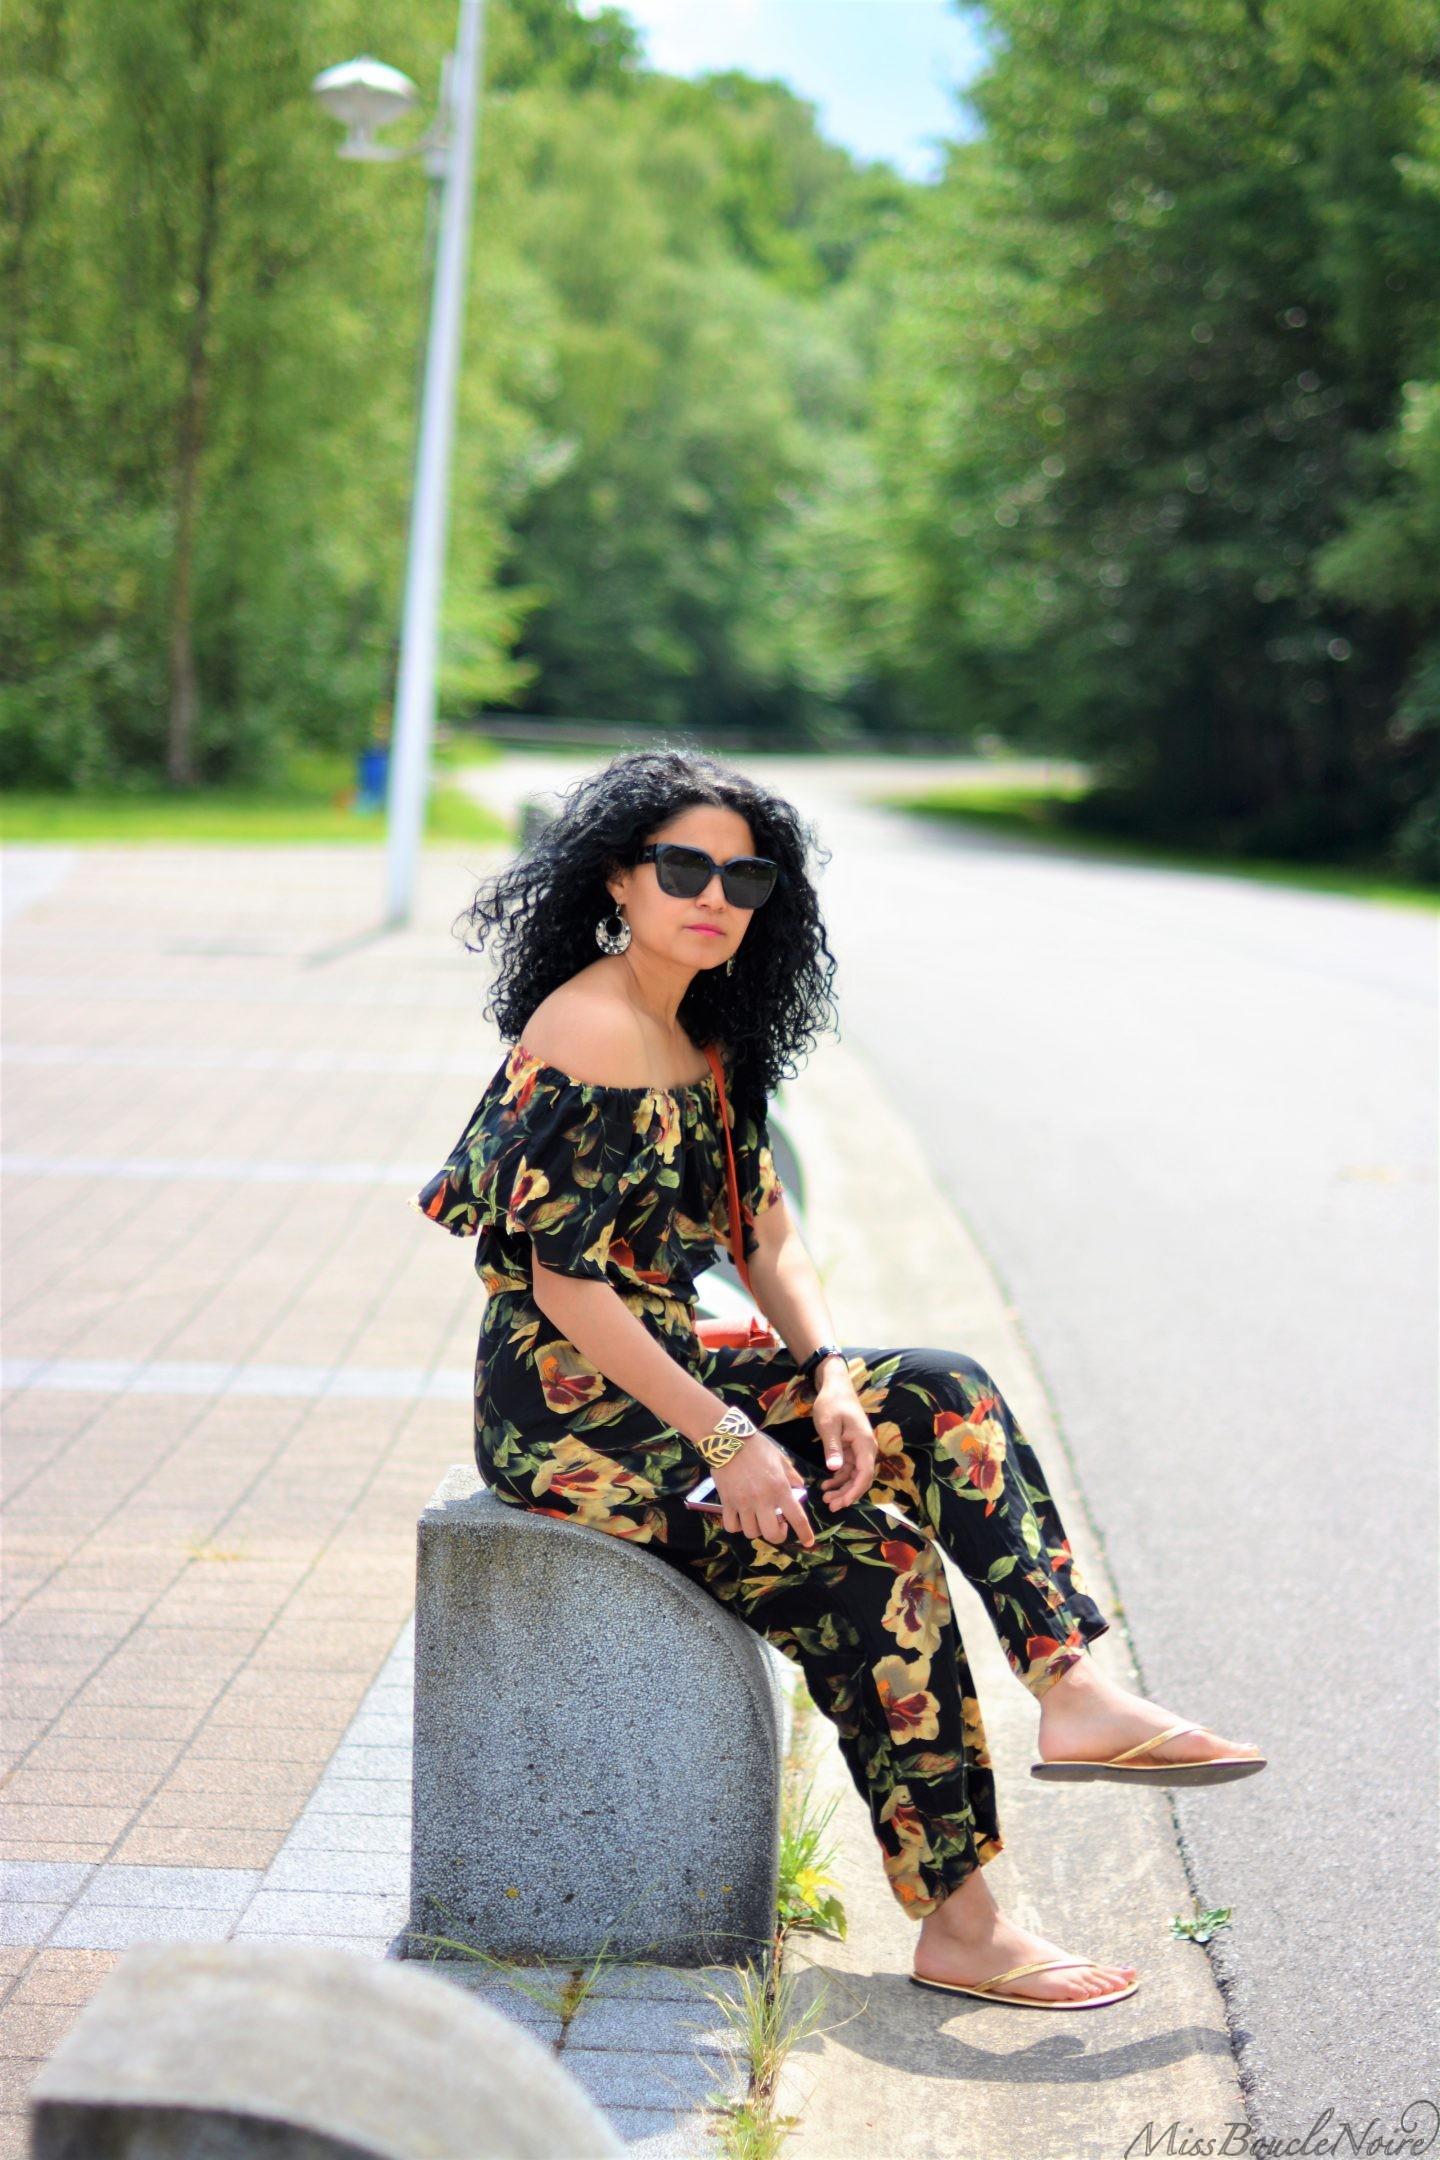 Look d'été, une combi fleurie, du soleil et une promenade <3 !